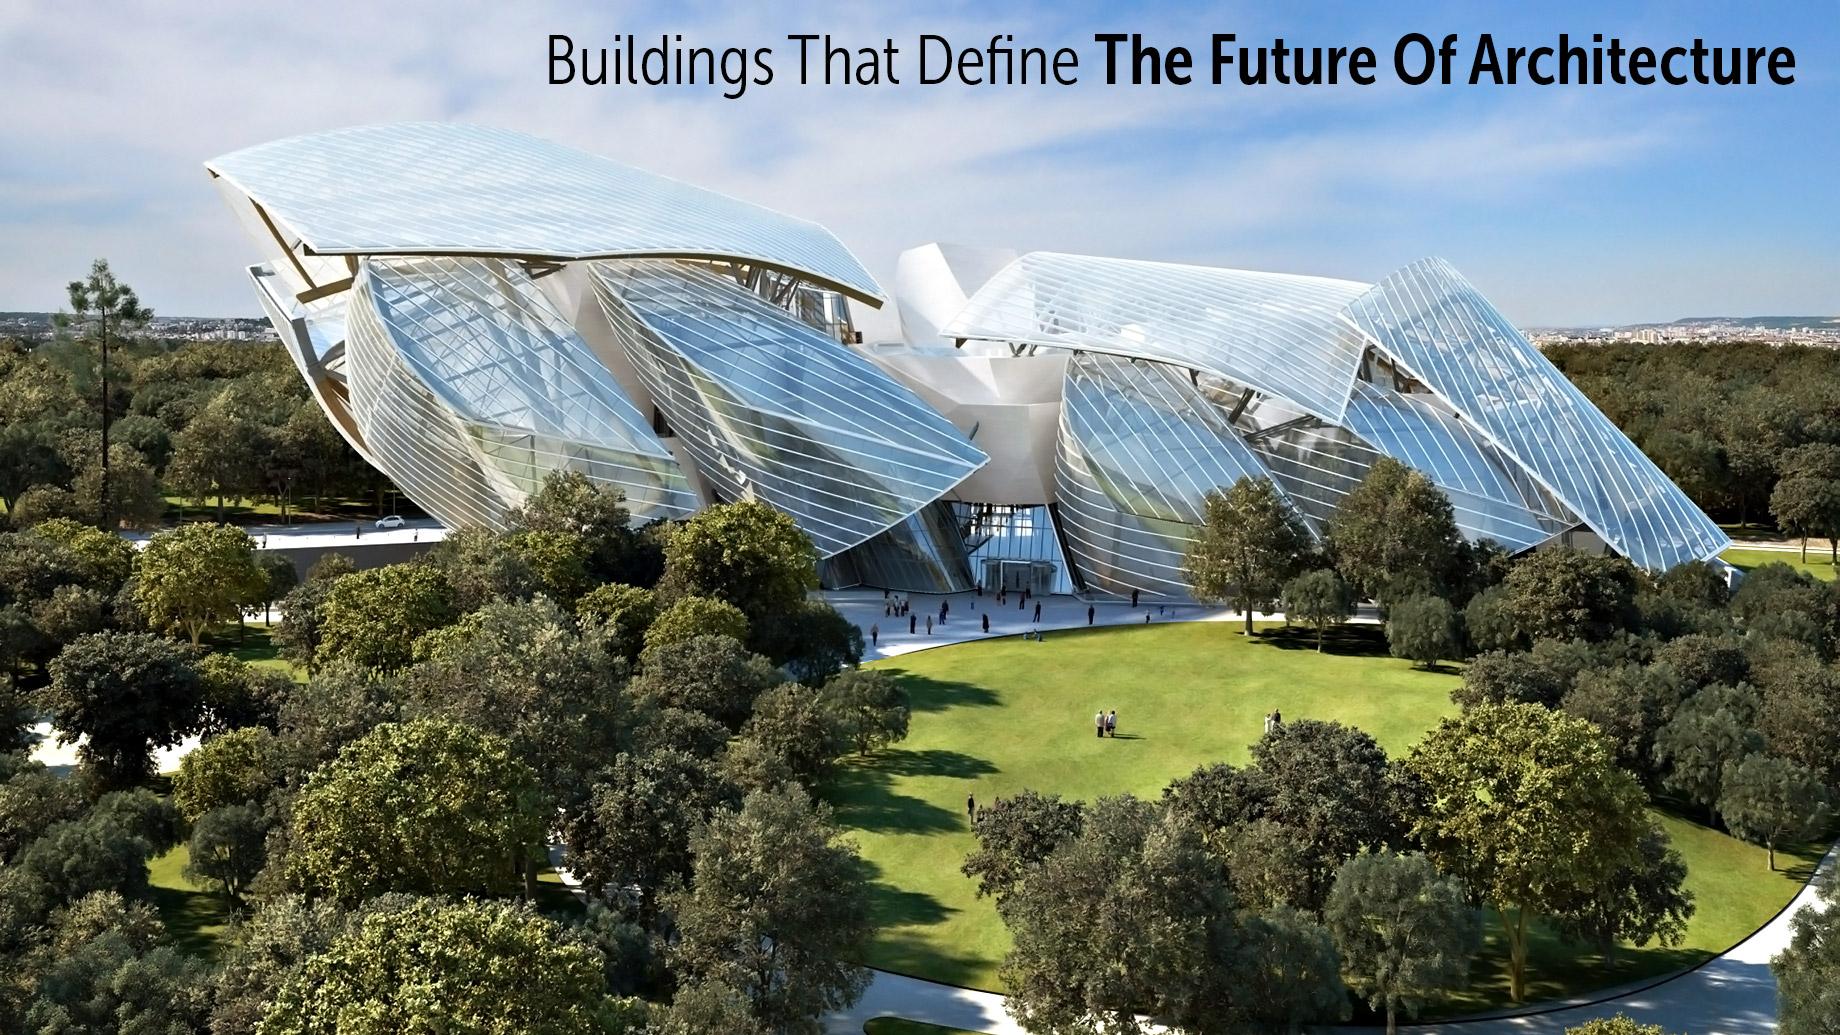 Buildings that Define the Future of Architecture - The Foundation Louis Vuitton - Paris, France